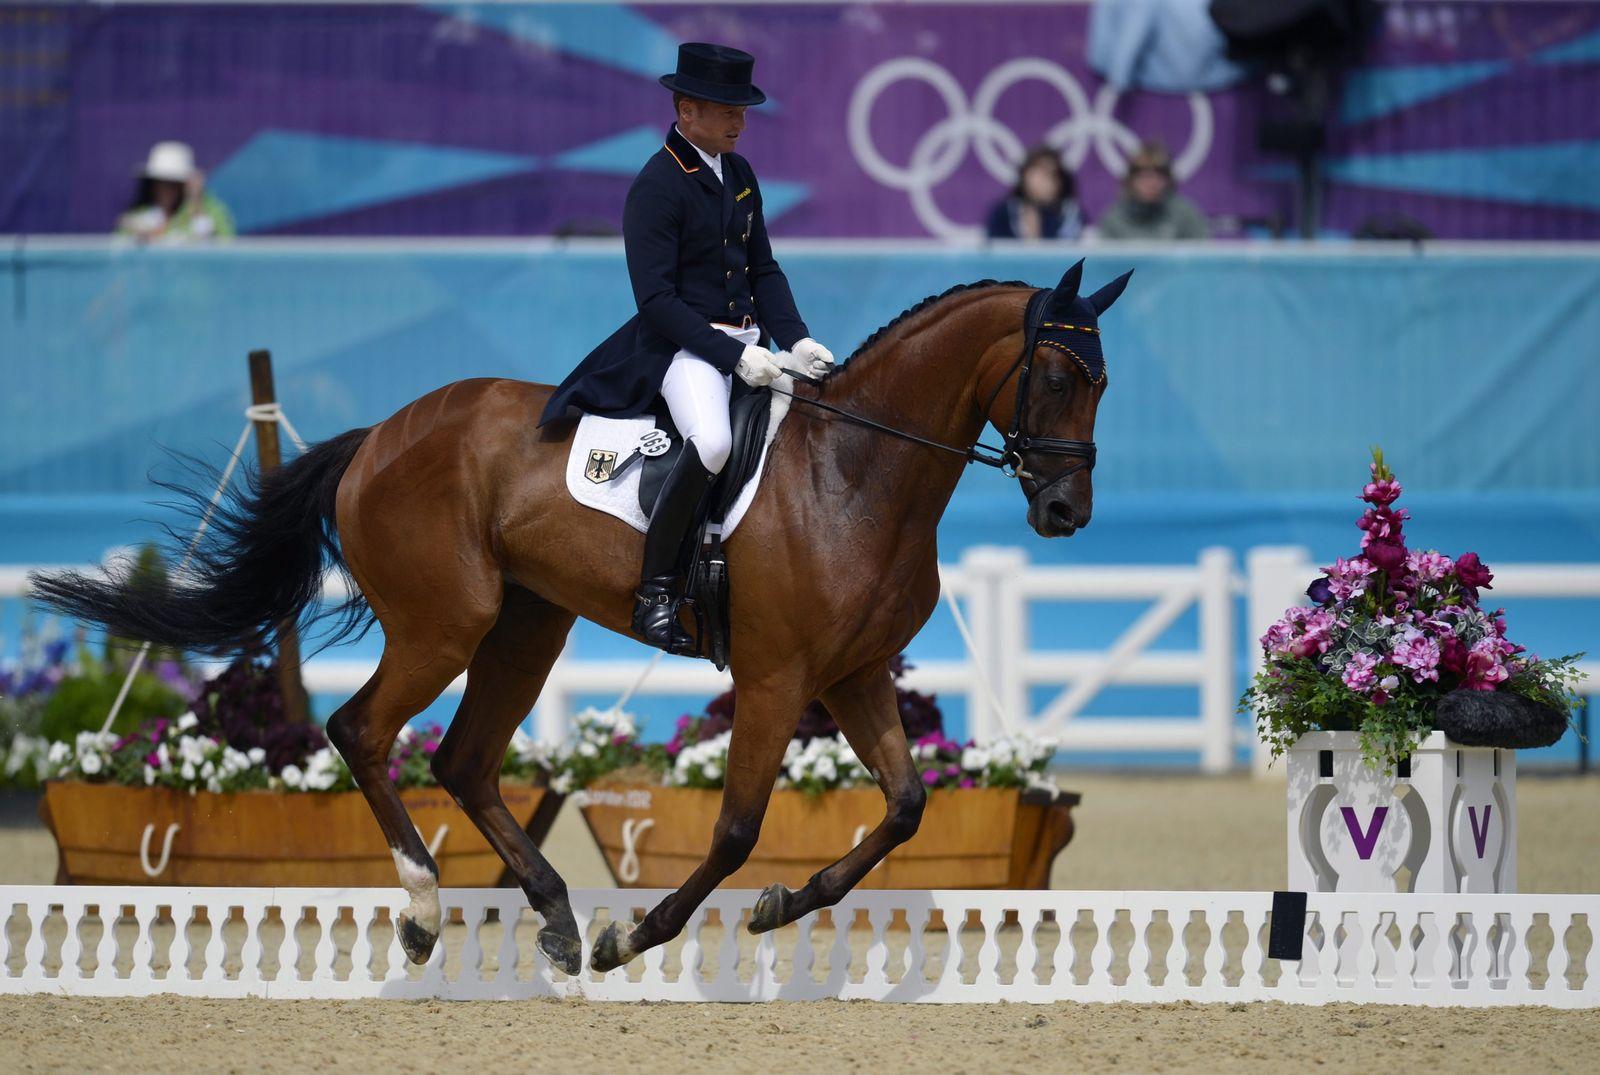 London 2012 - Pferdesport Vielseitigkeit